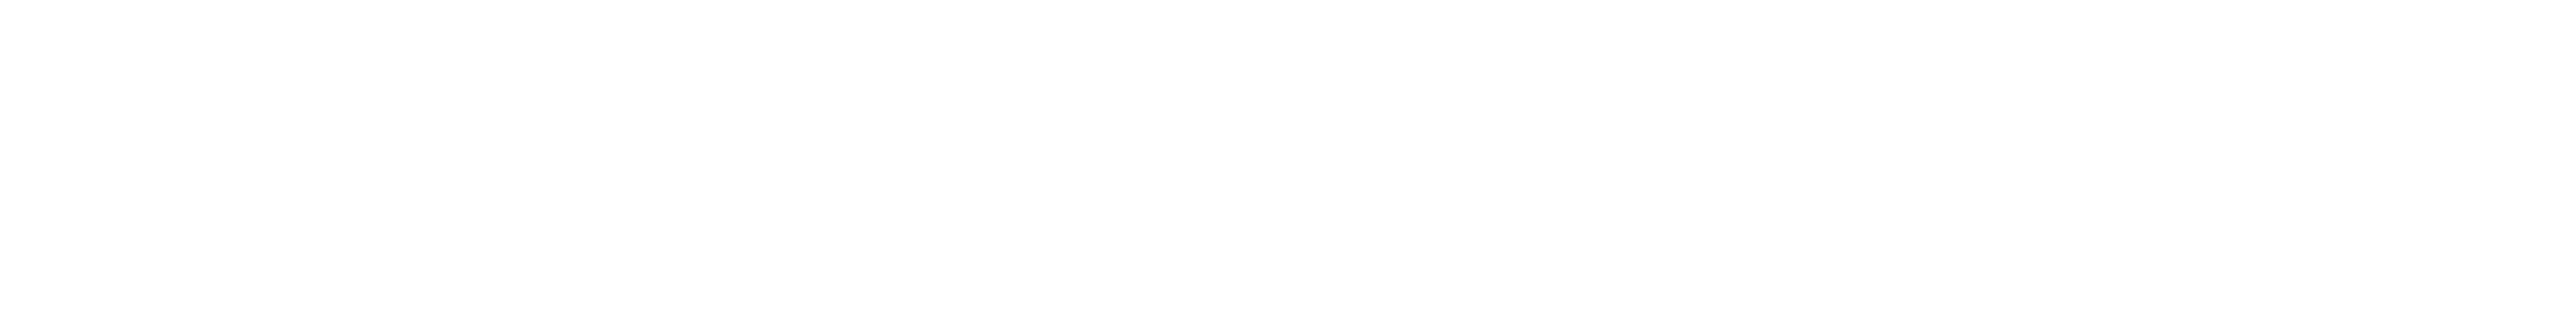 Mootral Logo